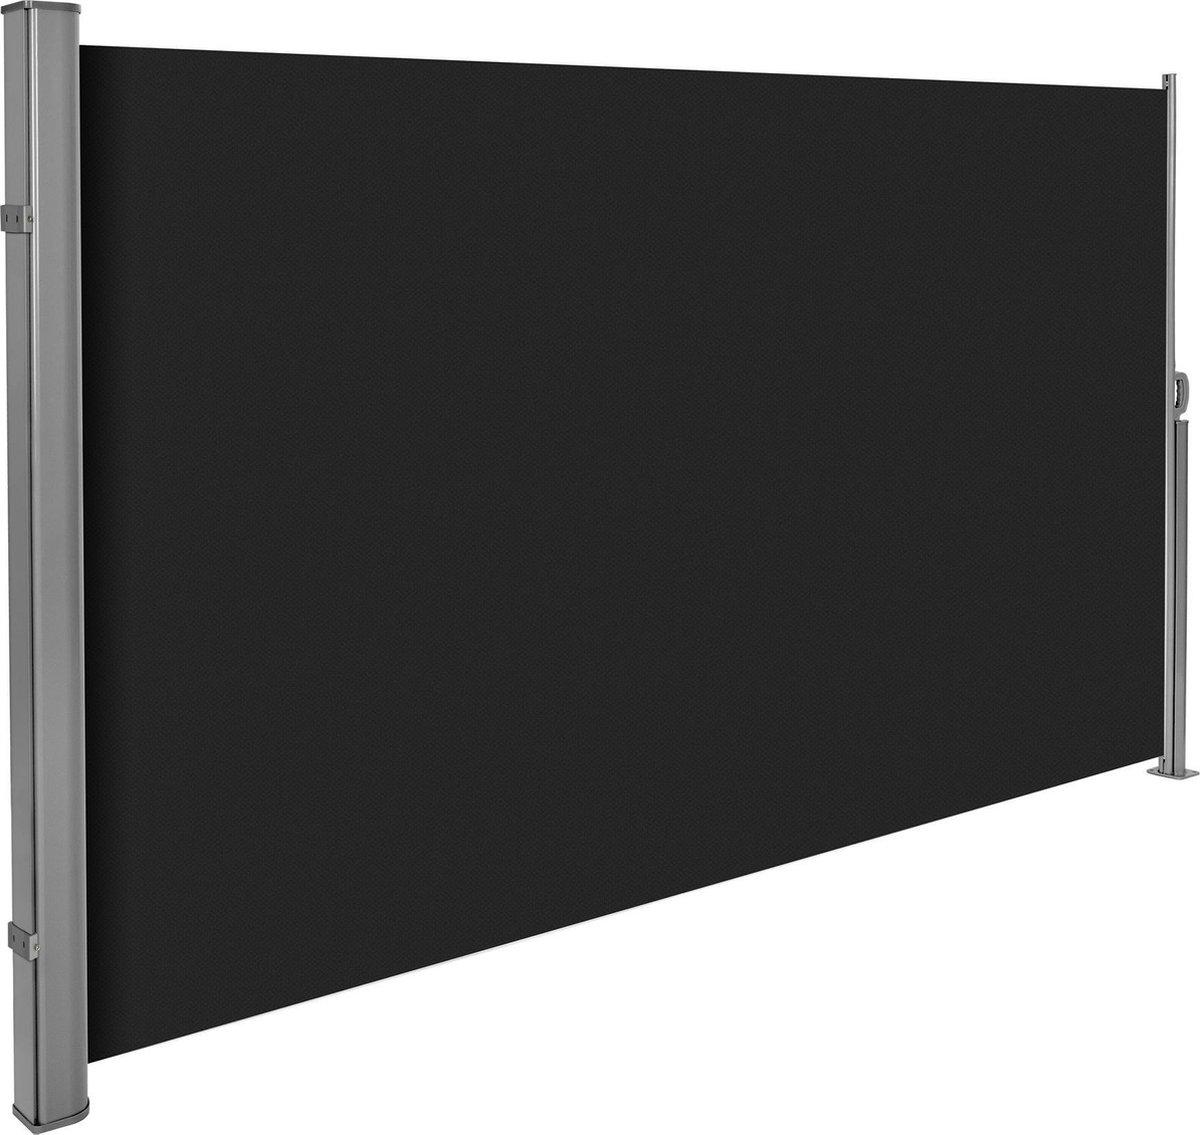 Uitschuifbaar aluminium windscherm tuinscherm 180 x 300 cm zwart 401528